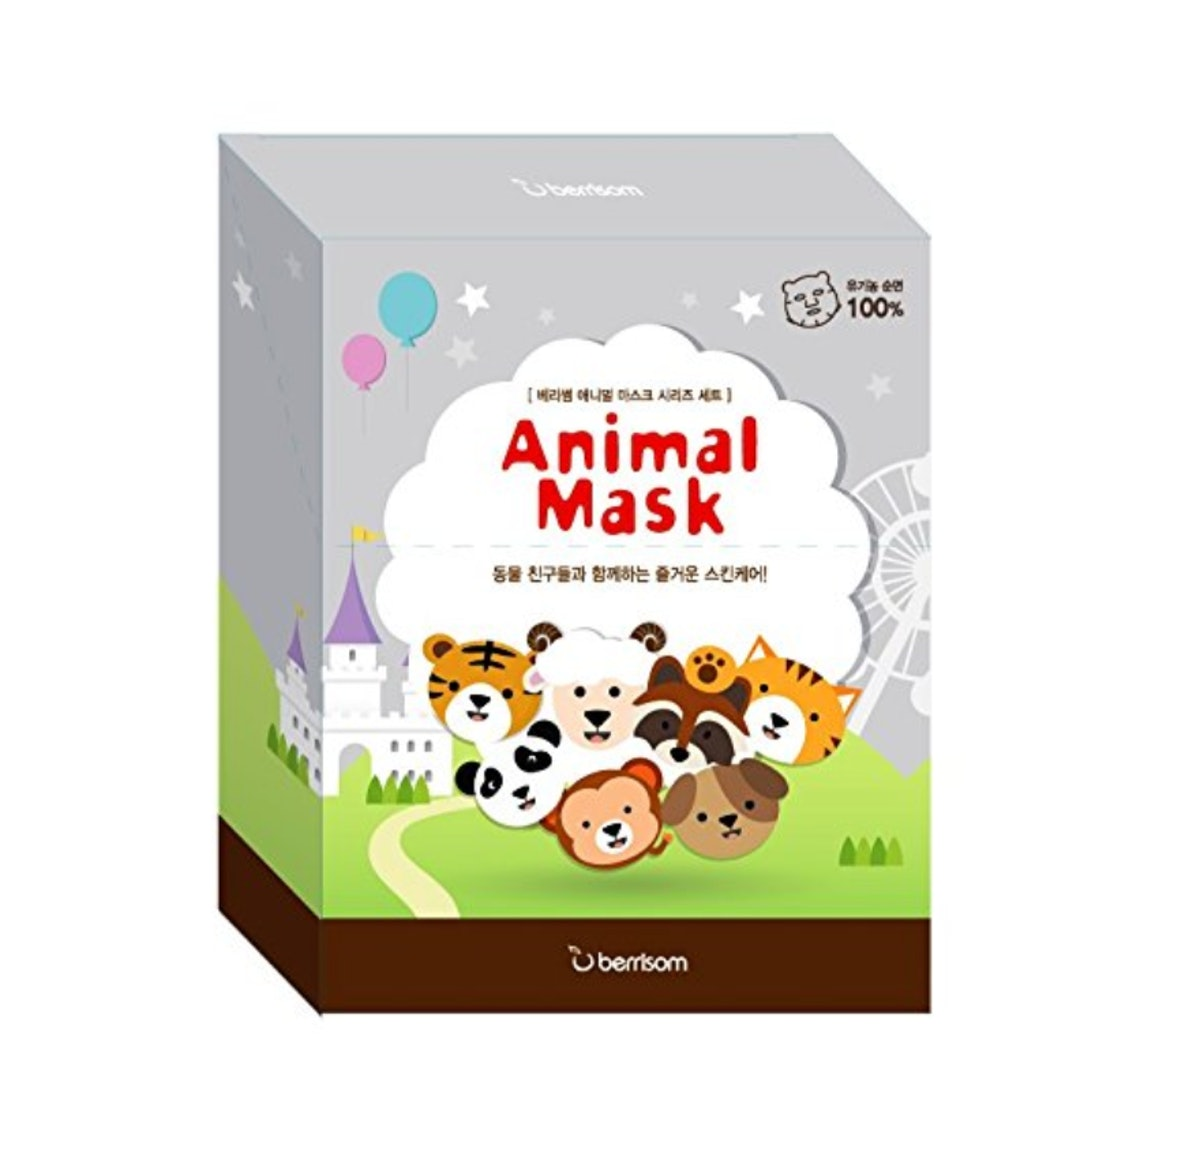 Berrisom Animal Masks (7 Pack)